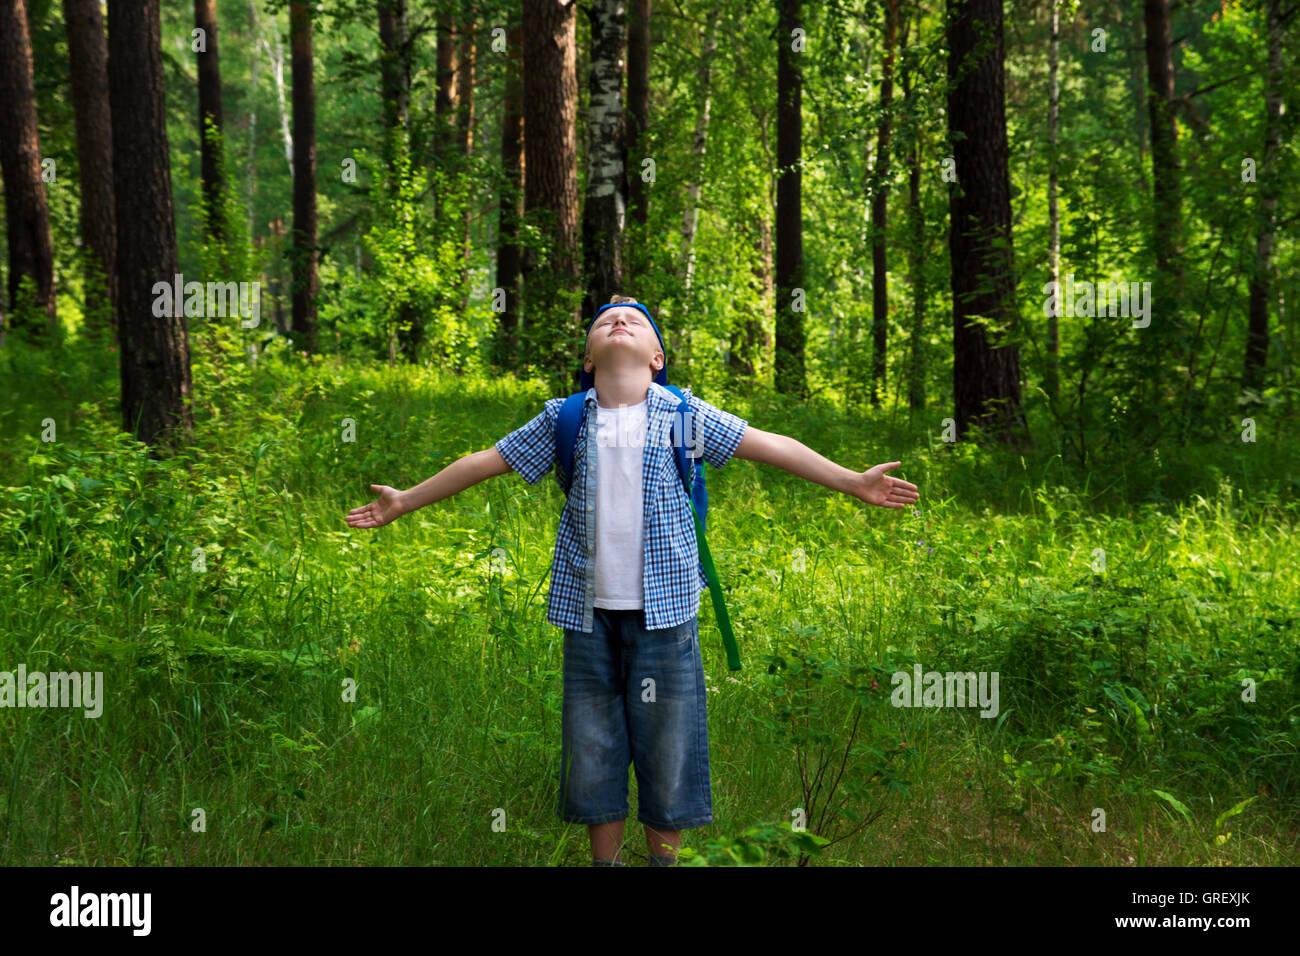 Guapo Poco Feliz Sonriente Nino Varon Caminar Y Divertirse En El Bosque Verde Parque Y Respirar Aire Fresco Fotografia De Stock Alamy